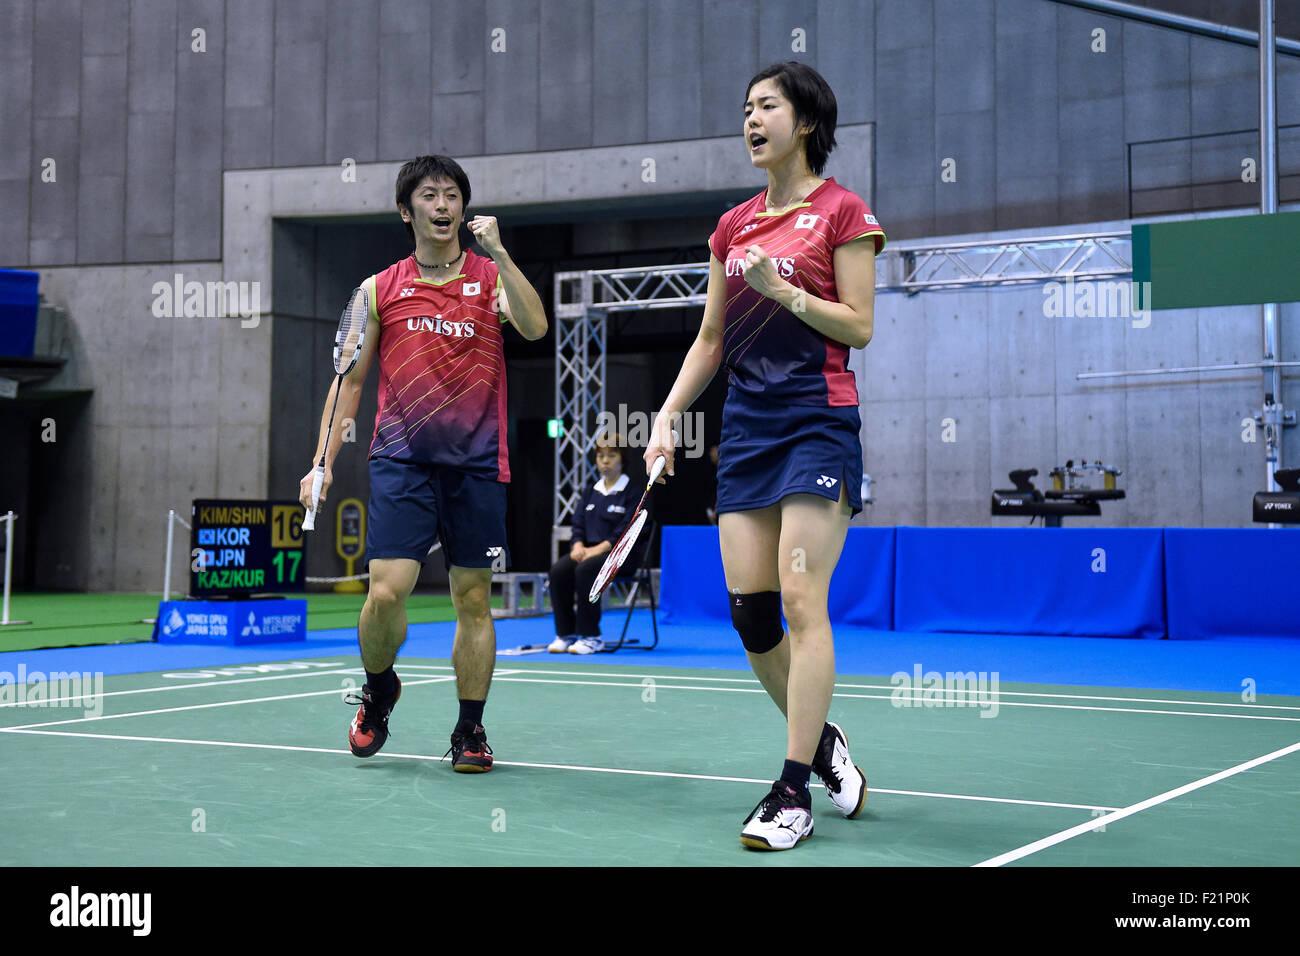 Tokyo Metropolitan Gymnasium Tokyo Japan 9th Sep 2015 Kenta